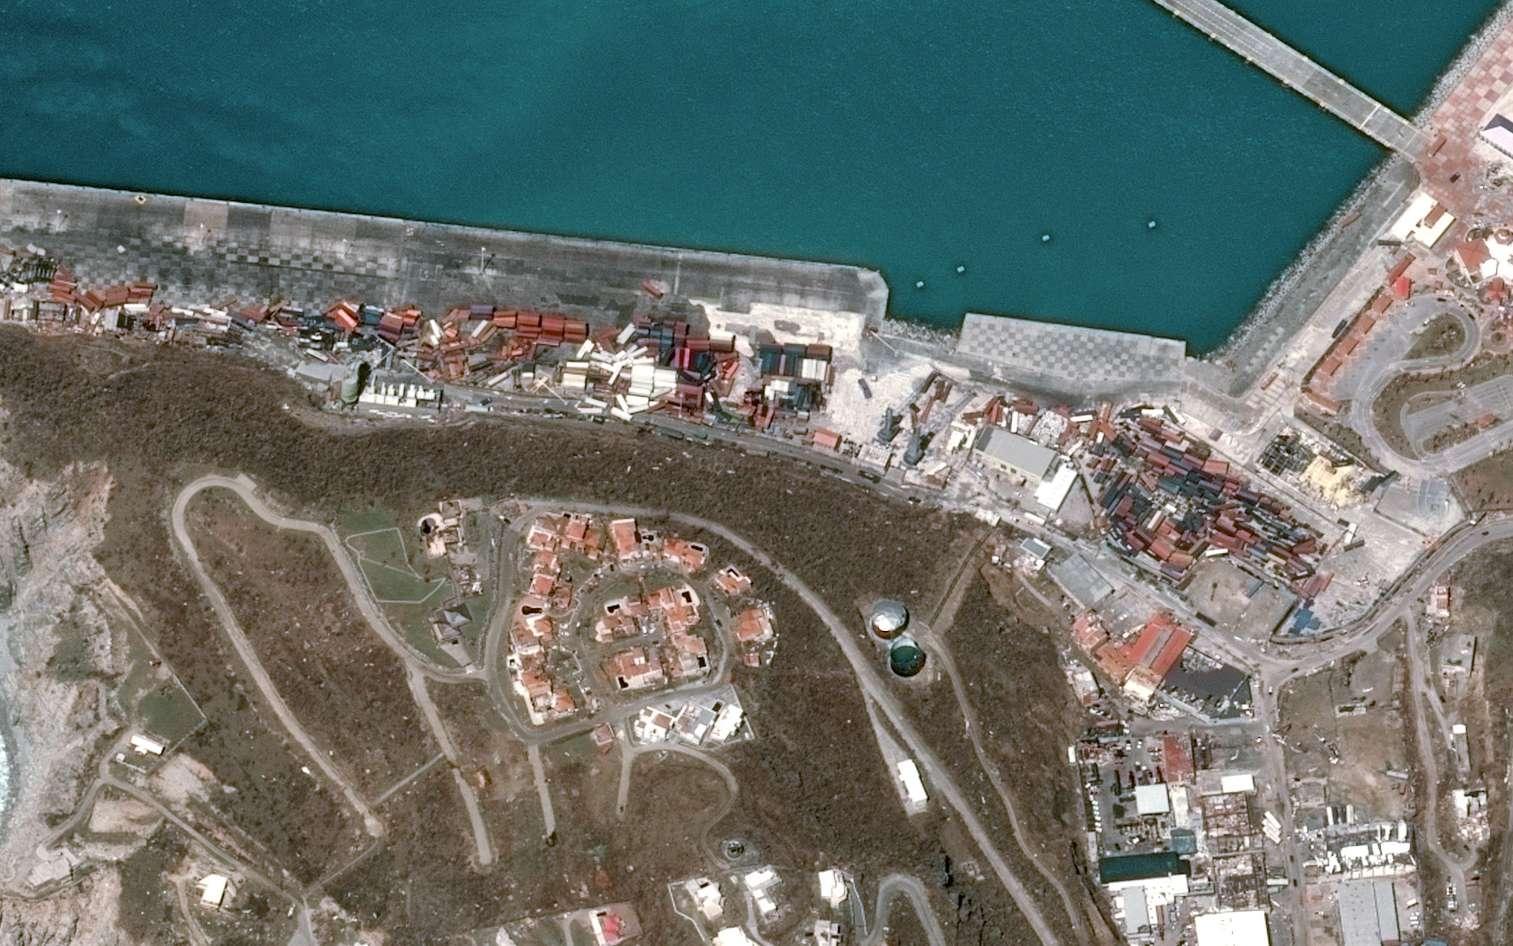 Zoom sur le port de Saint-Martin, complètement balayé par l'ouragan Irma. Cette image a été acquise par le satellite Pléiades deux jours après le passage de l'ouragan. © Cnes 2017, Distribution Airbus DS